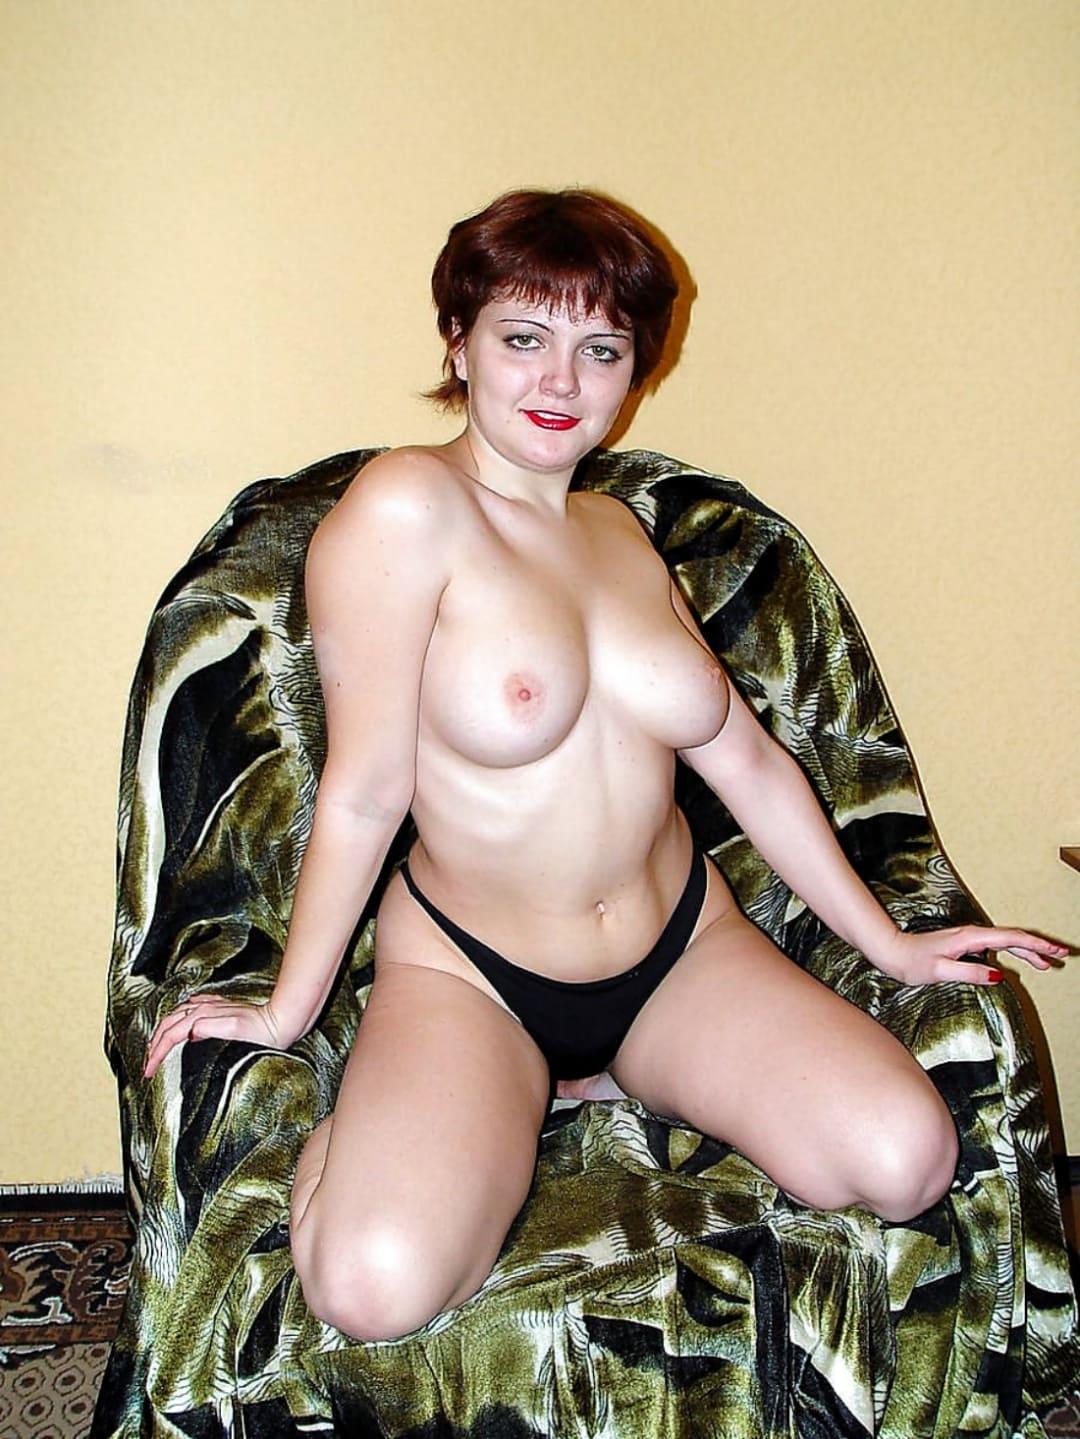 Фото эротики зрелых женщин русская шатенка с короткой стрижкой в кресле в черных трусиках на коленях сидит показывая свои красивые сиськи